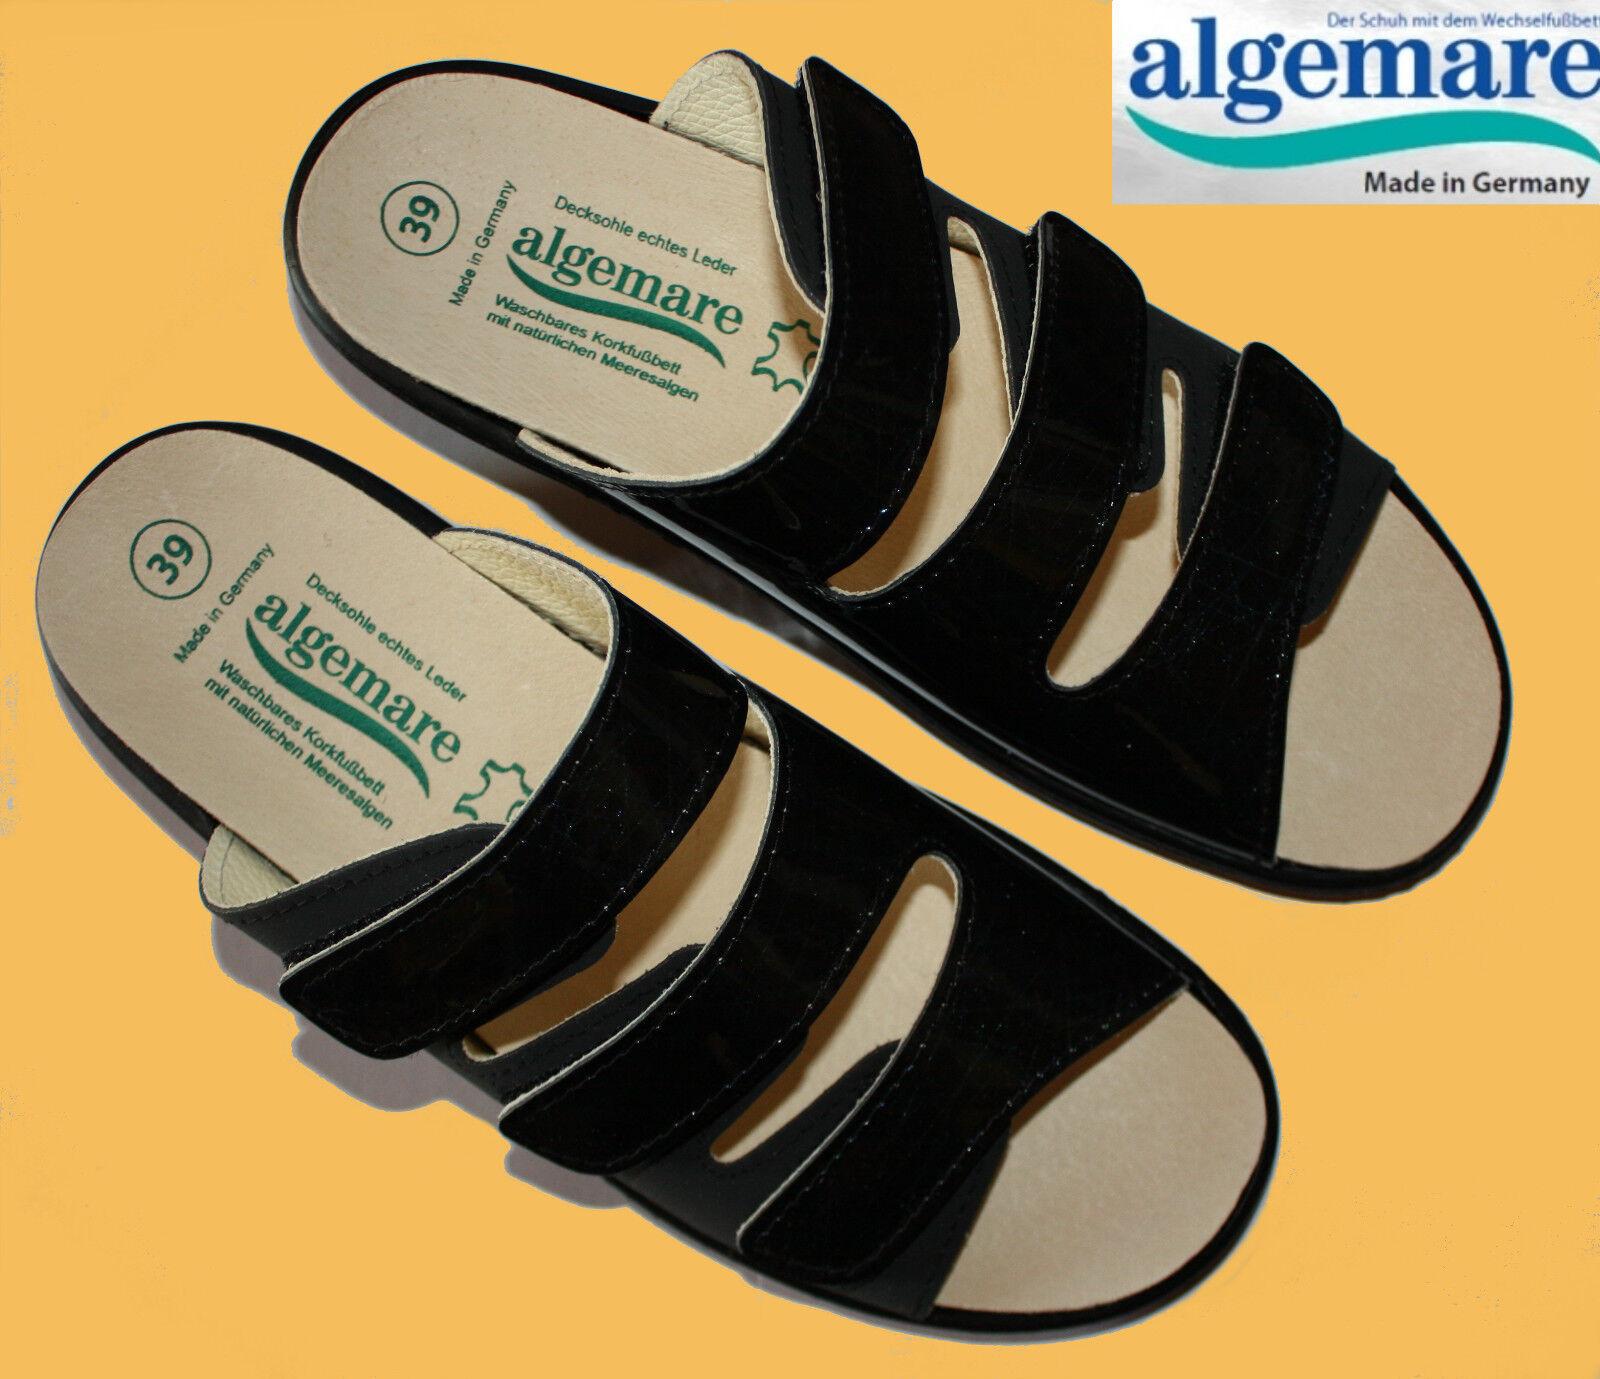 Algemare Pantoletten Hausschuhe Pantoffeln Damen glamour Wechselfußbett 38-42